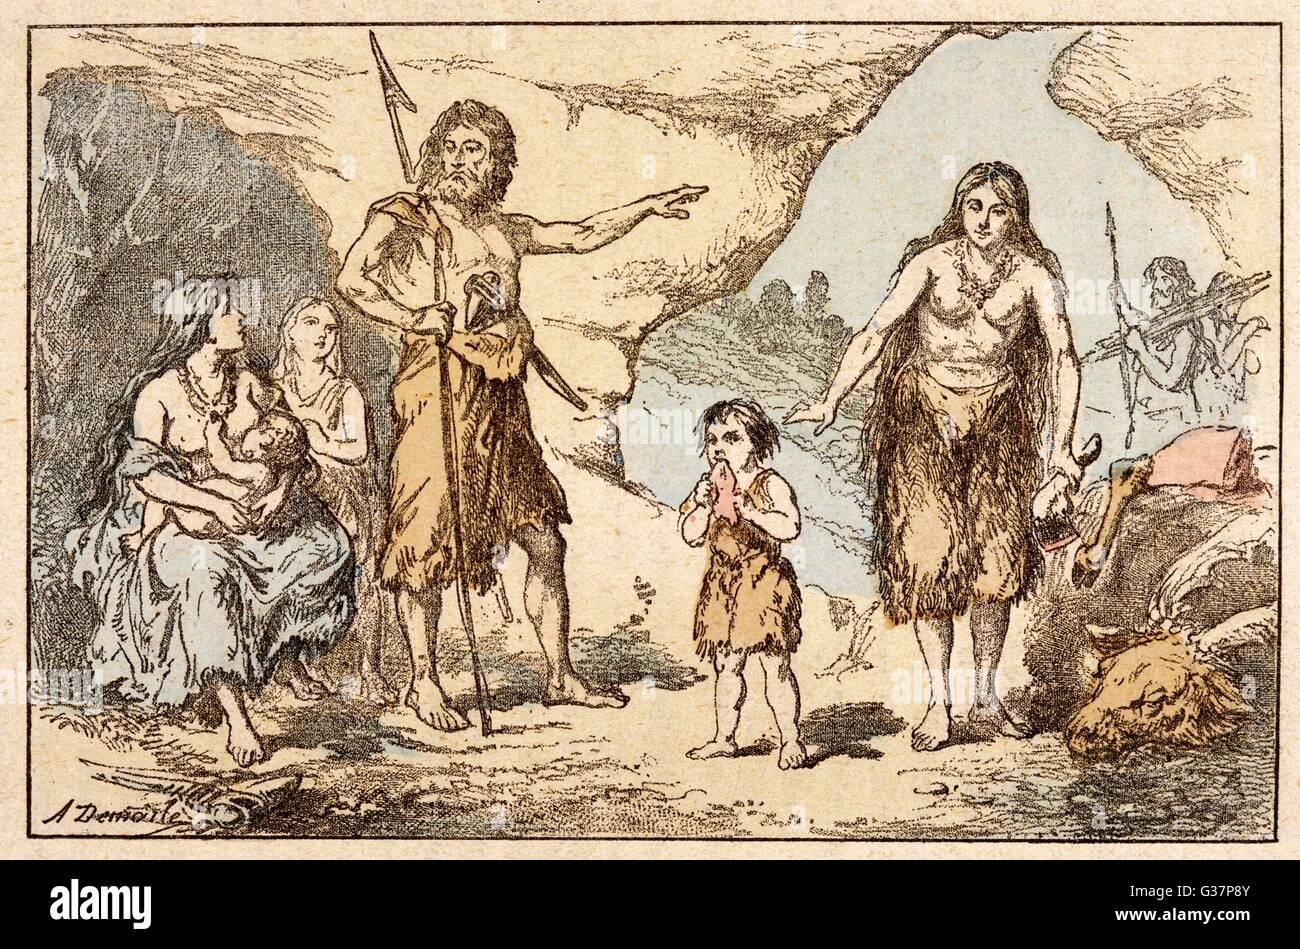 Cavernicoli: un caveman problemi la giornata di ordini Data: circa 5000 BC Immagini Stock